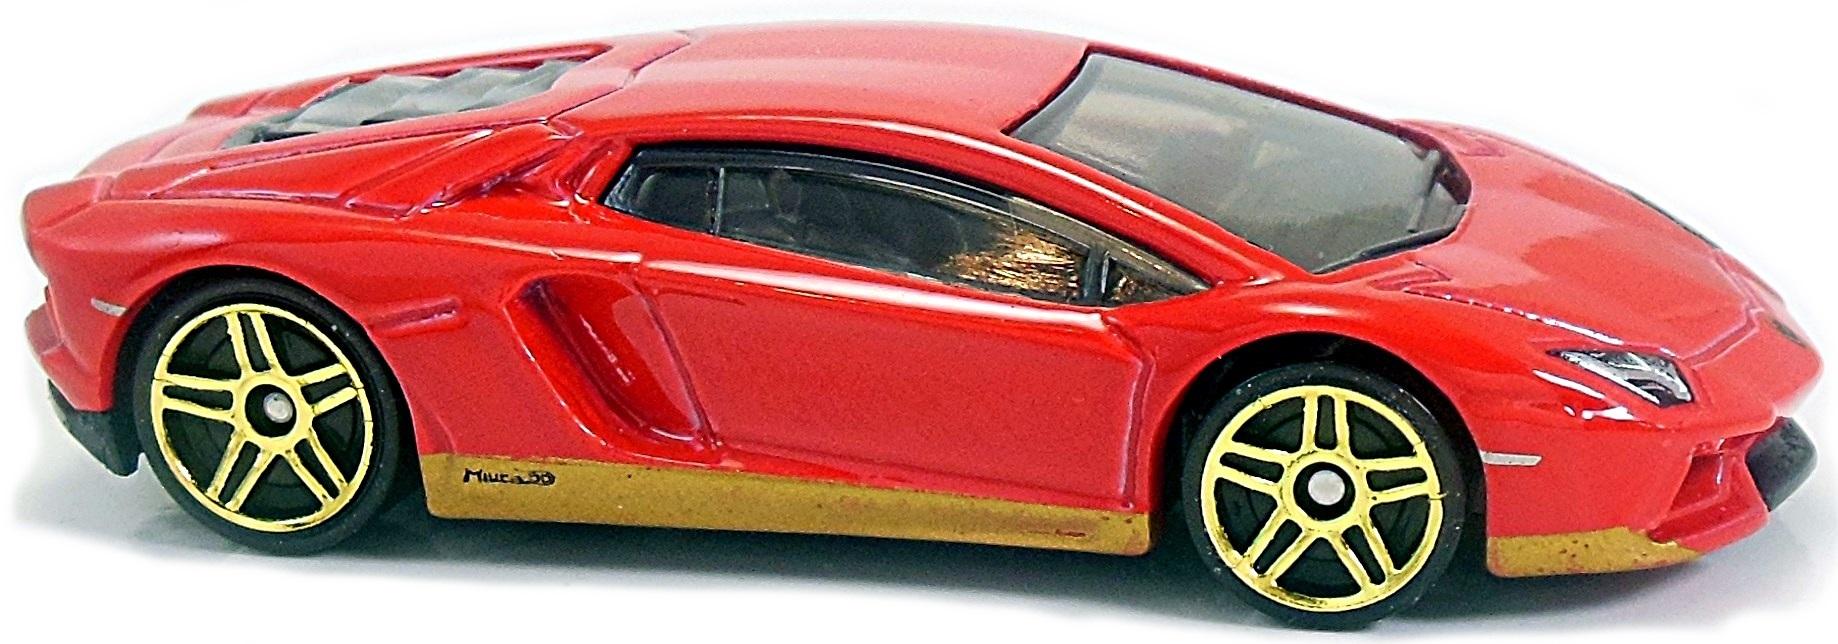 Aventador Miura Homage 72mm 2018 Hot Wheels Newsletter